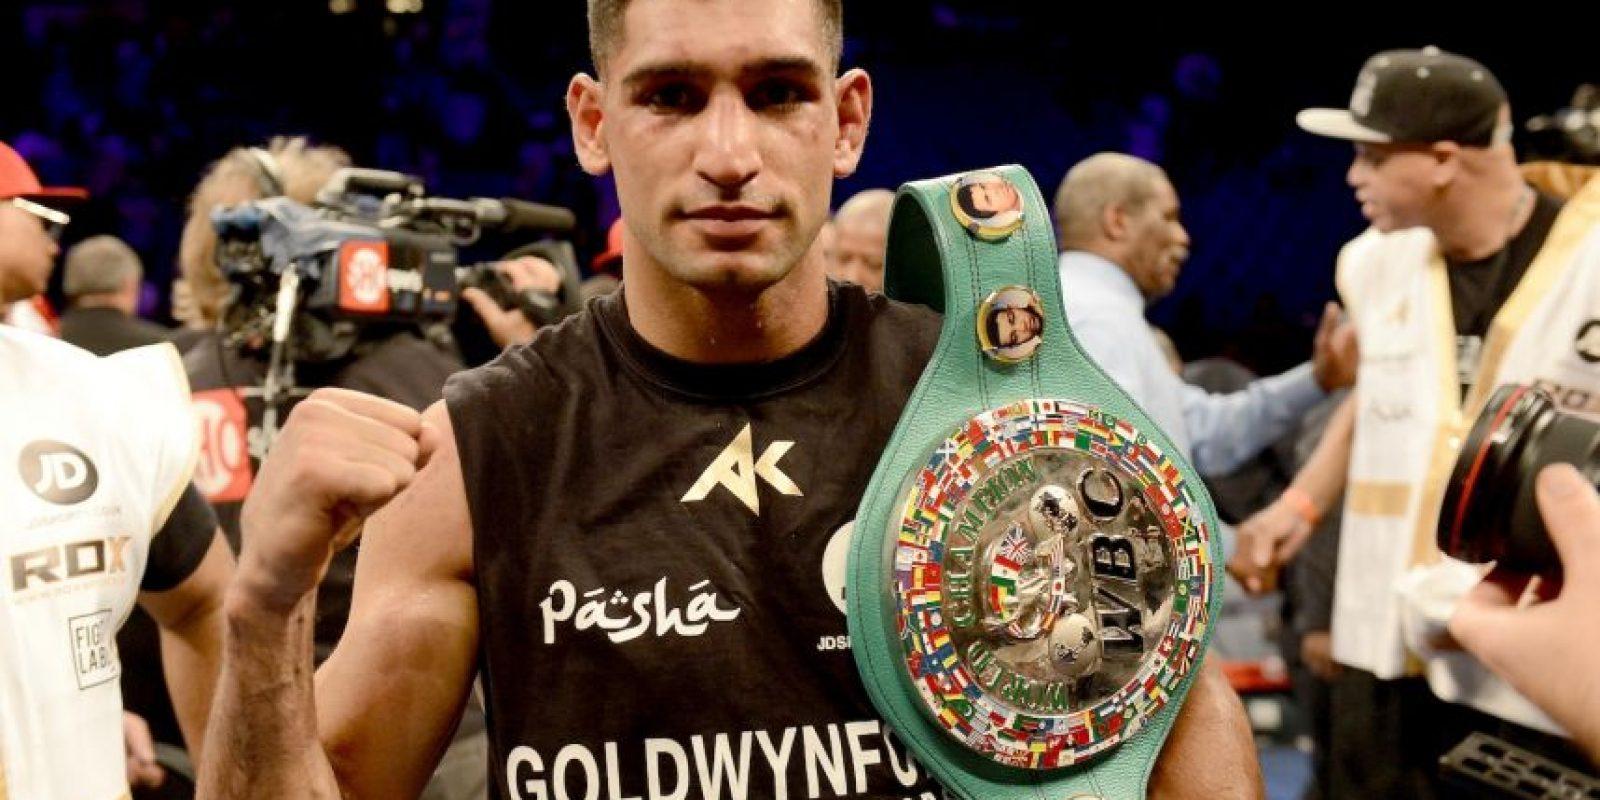 Comenzó su carrera en el pugilismo a temprana edad y a los 17 años, consiguió la plata olímpica en box para el Reino Unido en Atenas 2004. Foto:Getty Images